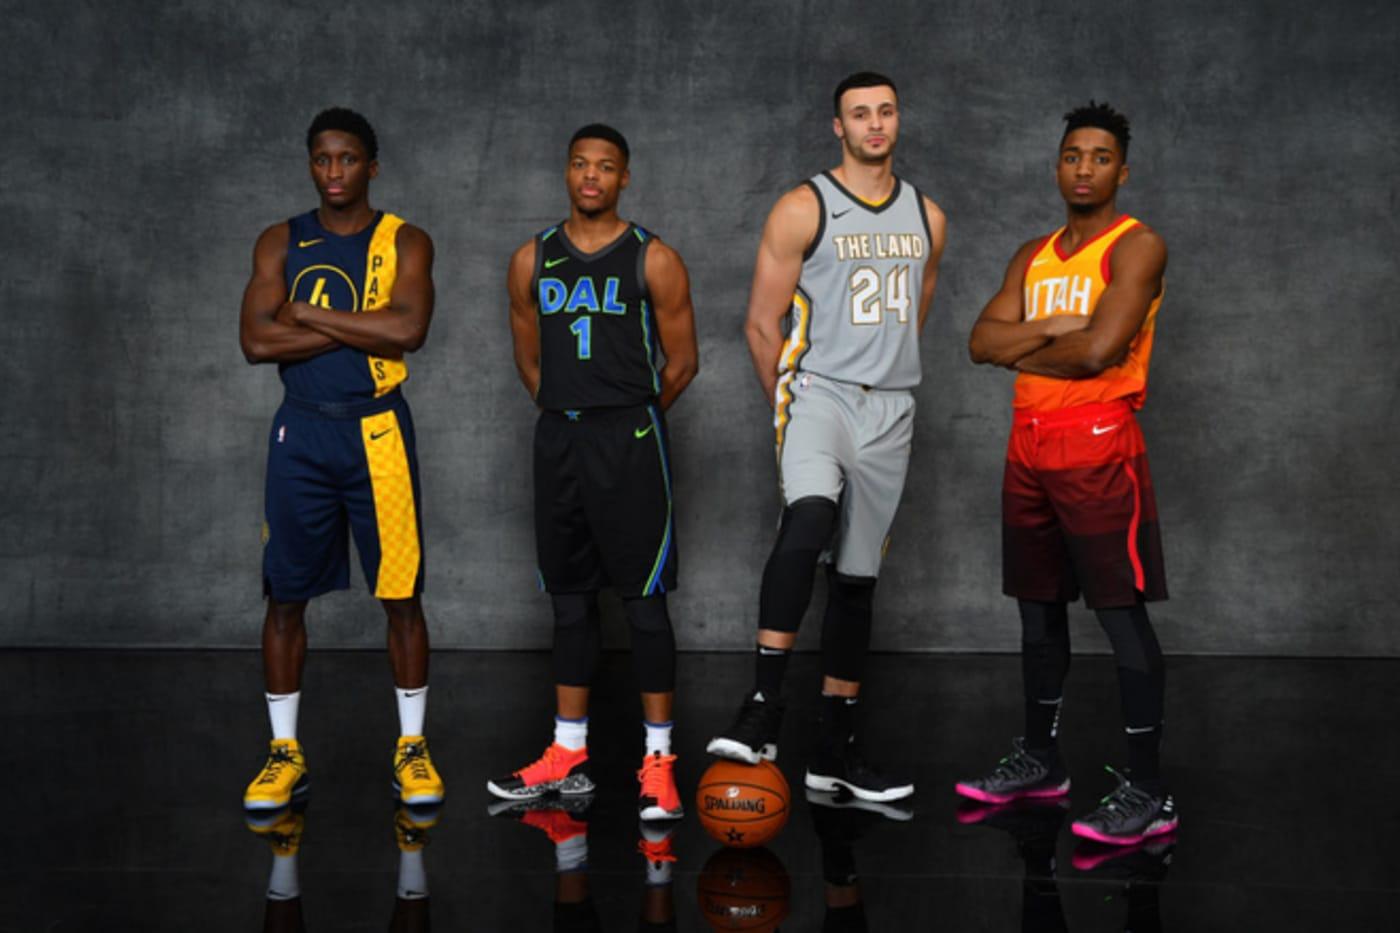 NBA All Star Saturday Night Portraits